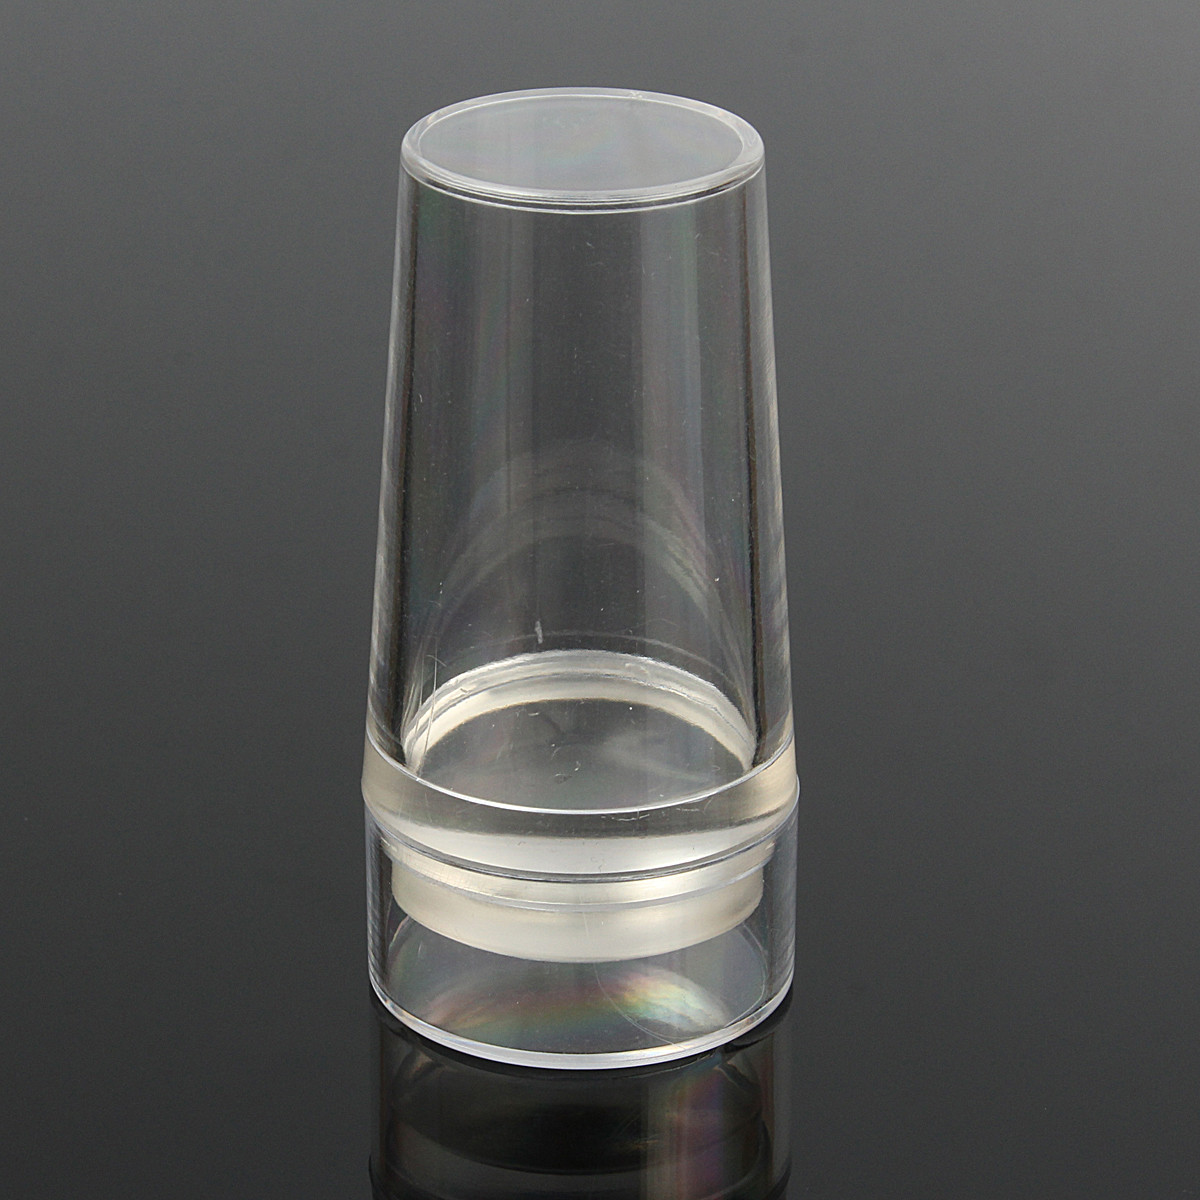 Стампер штамповки шаблон с Силиконовый Маникюр прозрачный крышка скребок